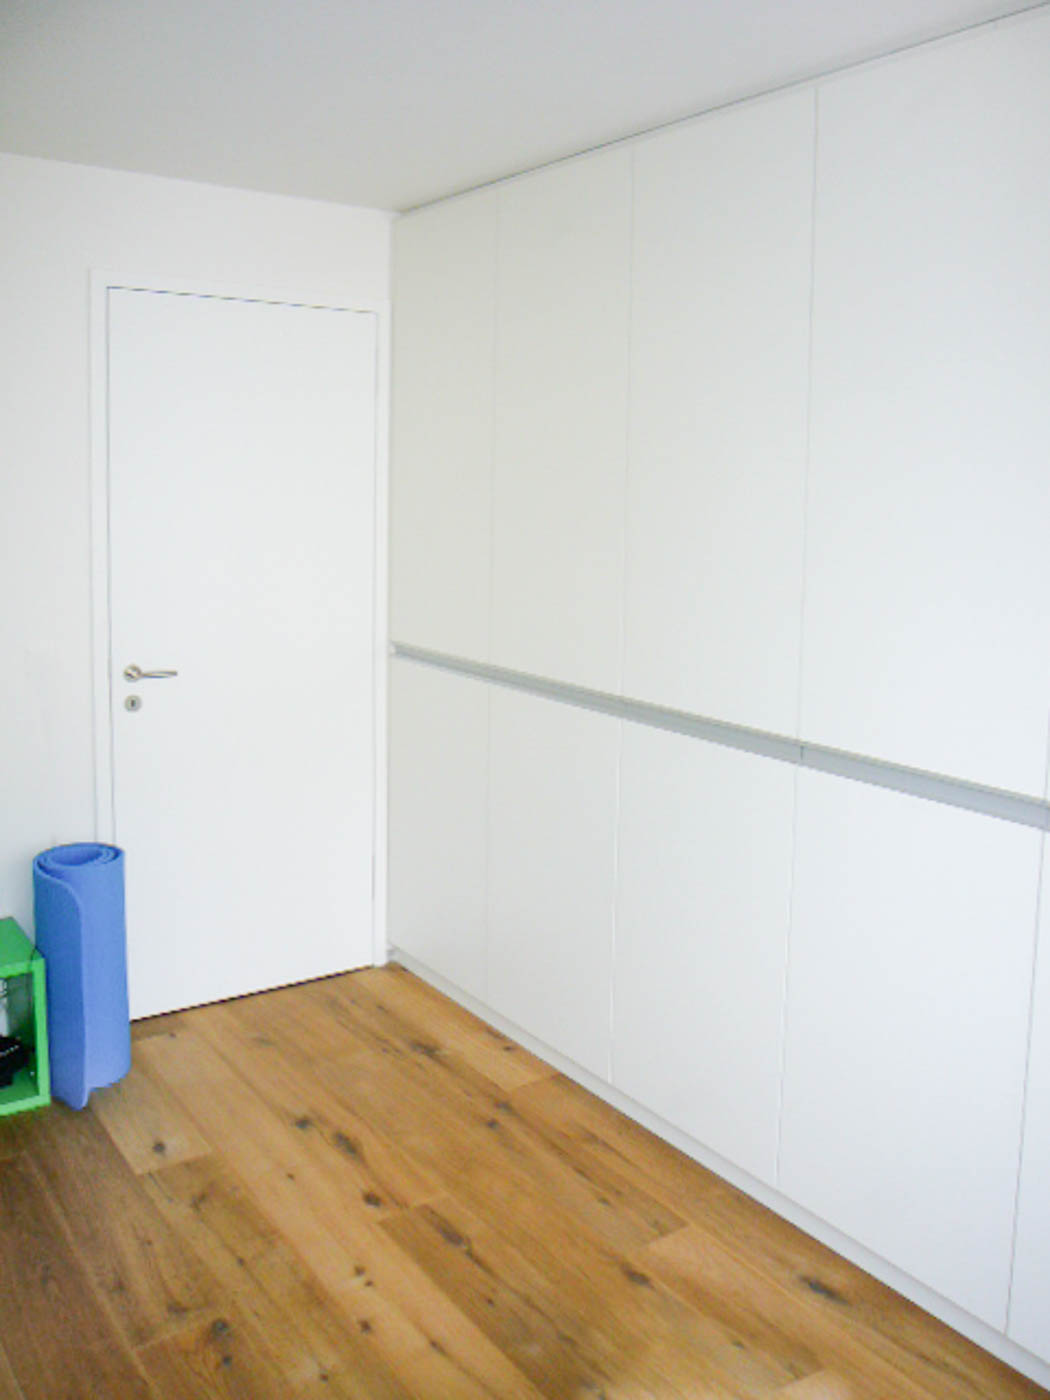 schreinerei imboden wir gestalten wohnraum. Black Bedroom Furniture Sets. Home Design Ideas